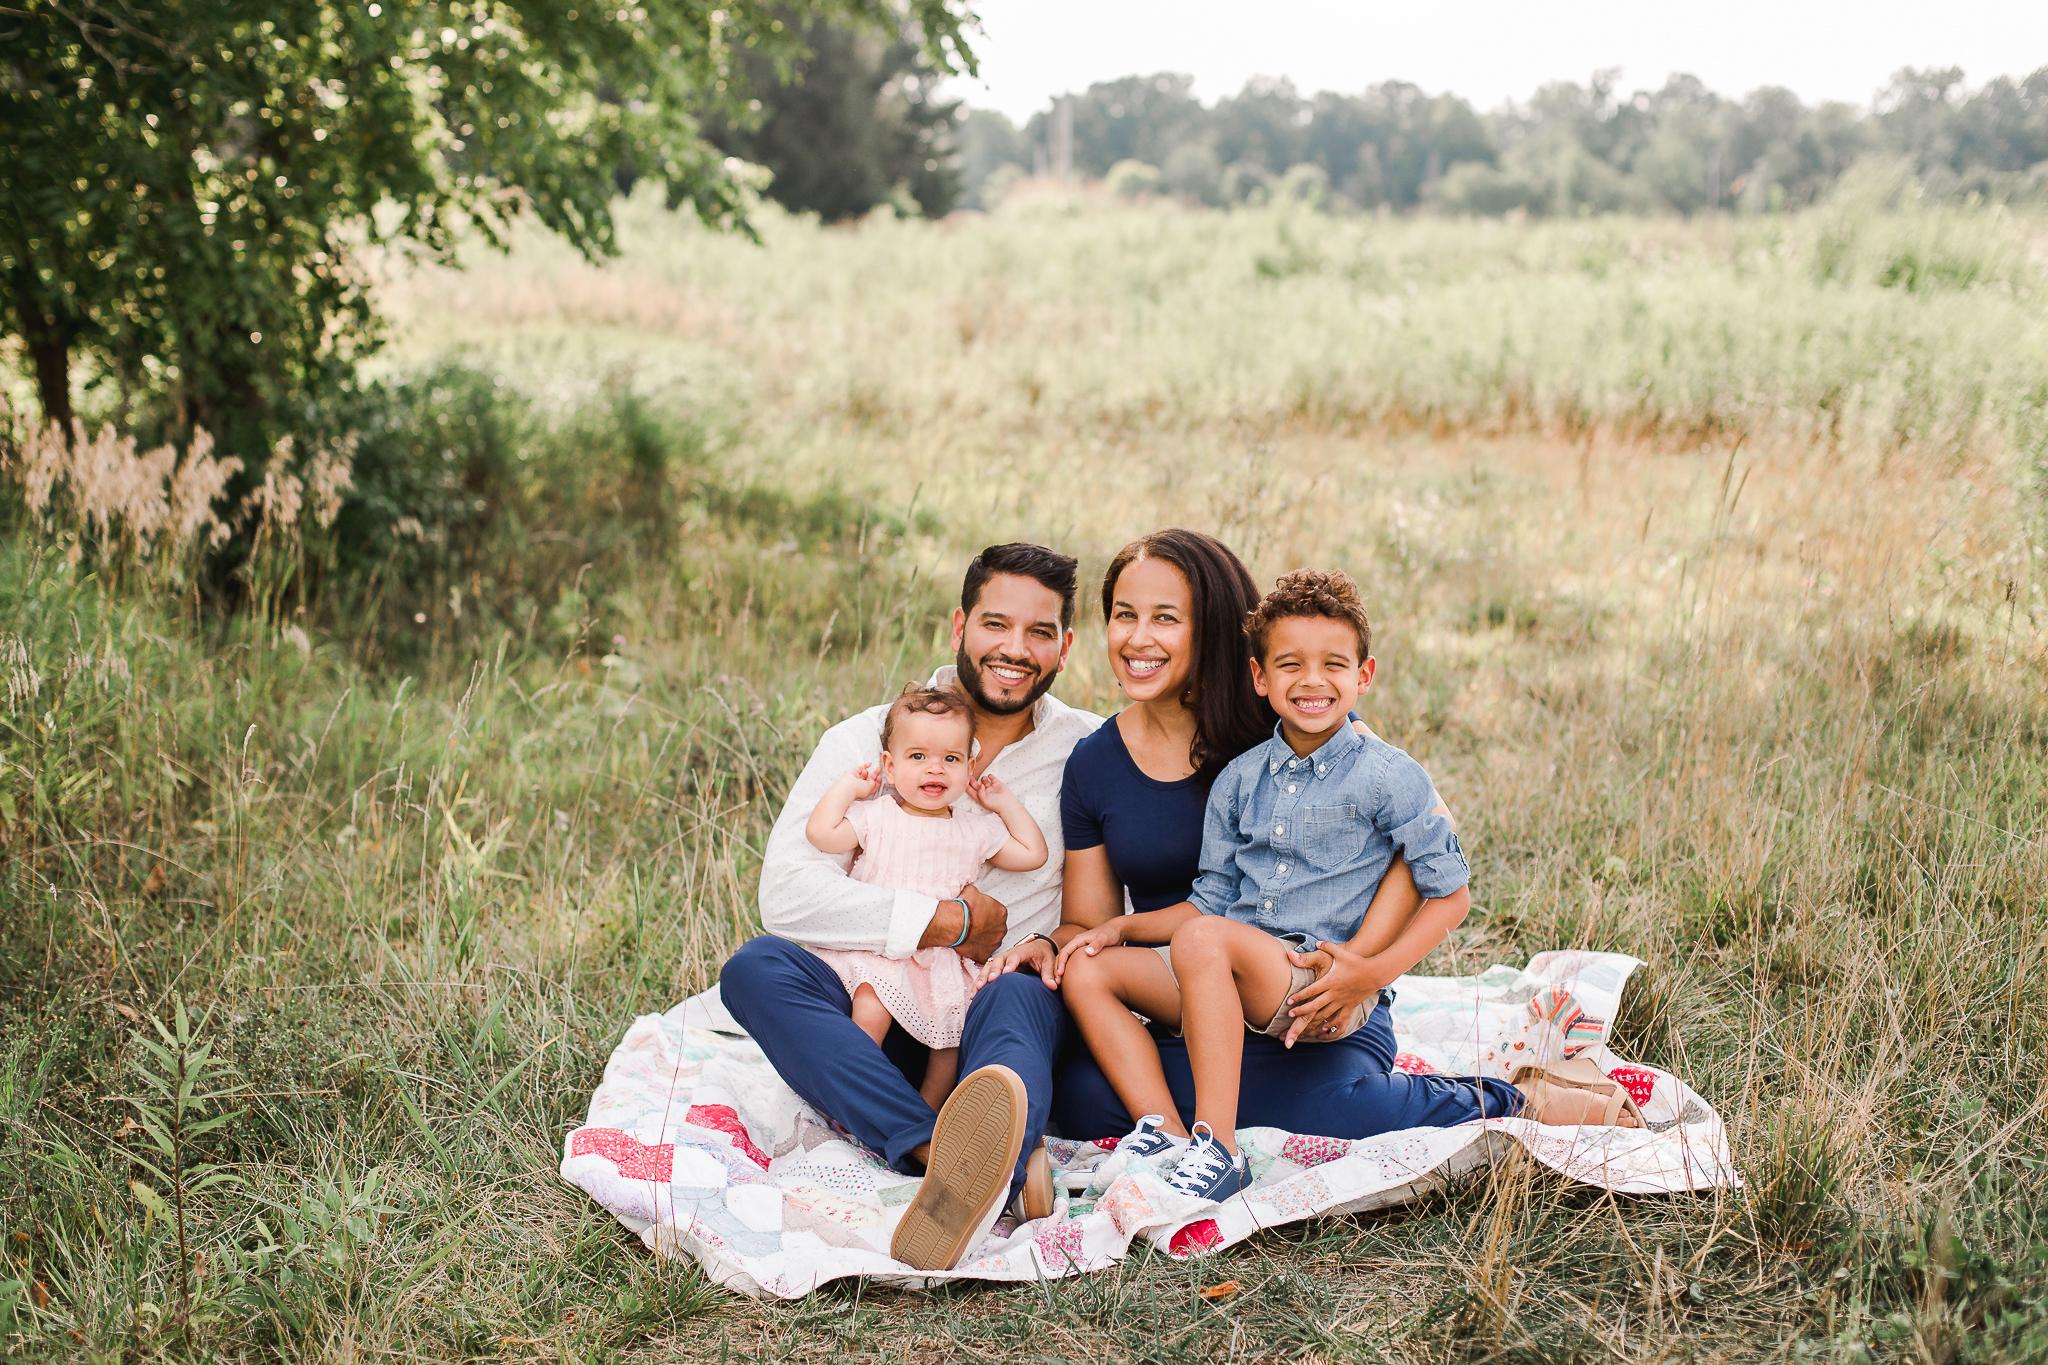 Family Portrait in Central Ohio